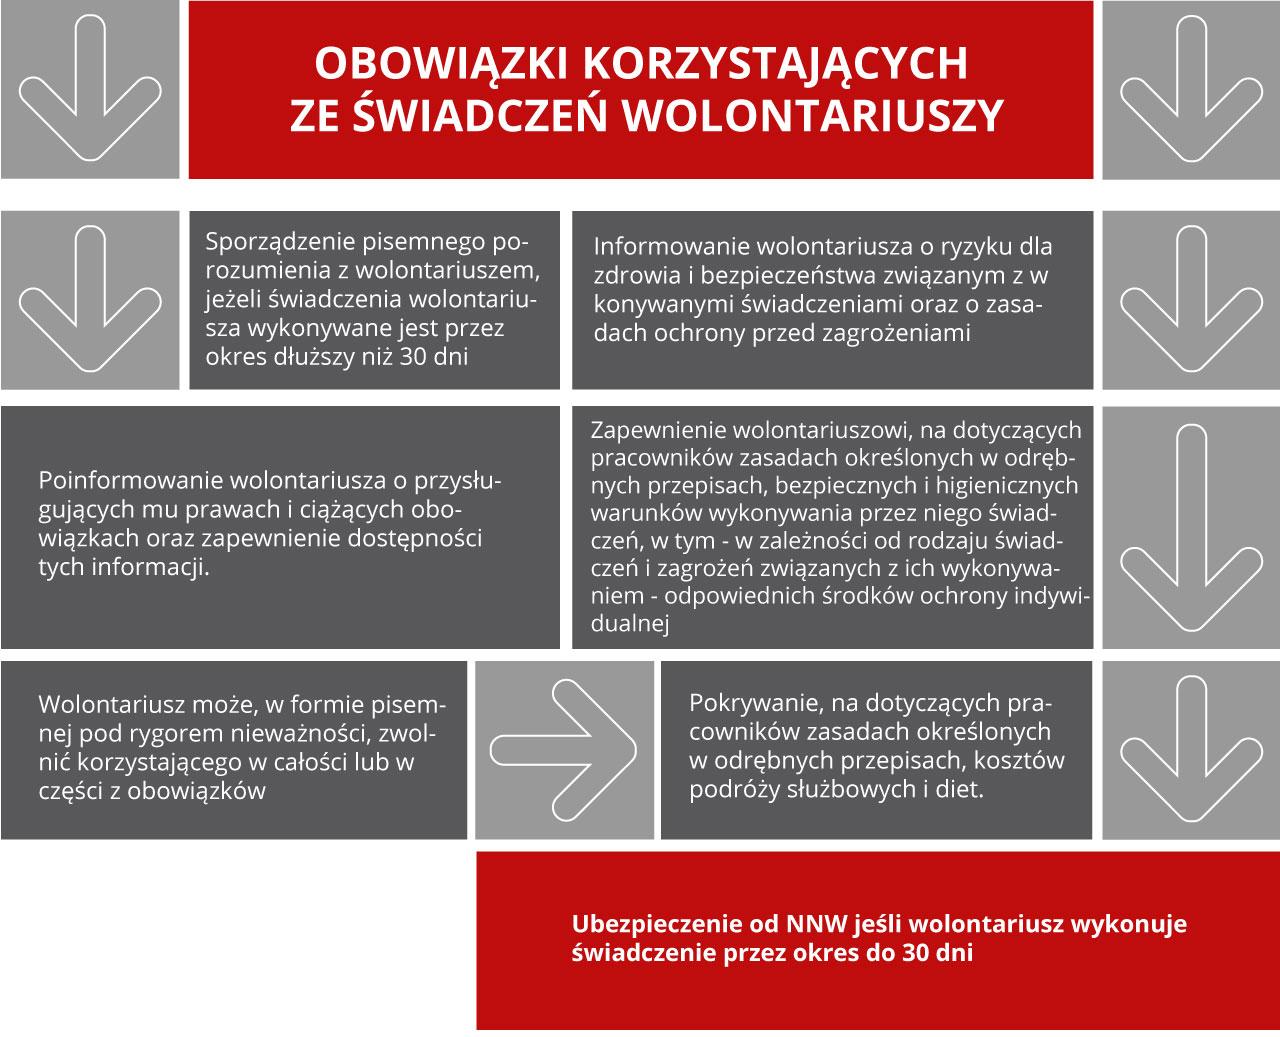 obowiazki_korzystajacych_ze_swiadczen